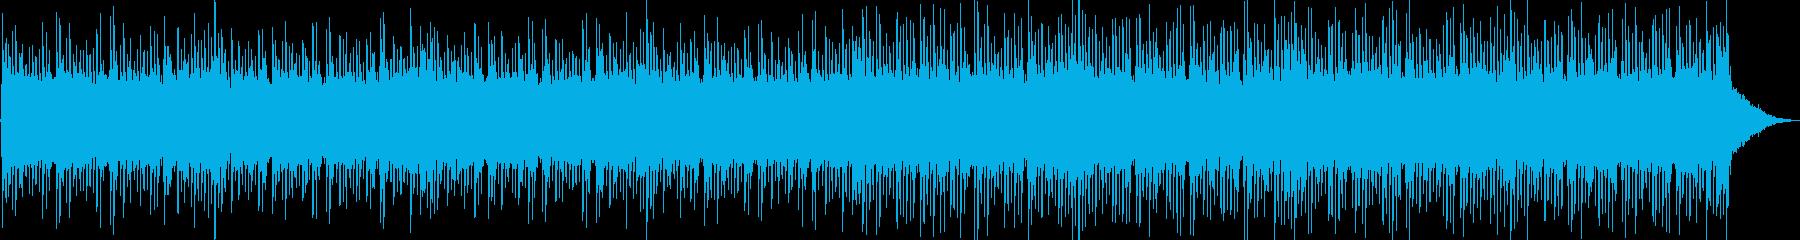 和風・疾走感・ロック・三味線の再生済みの波形